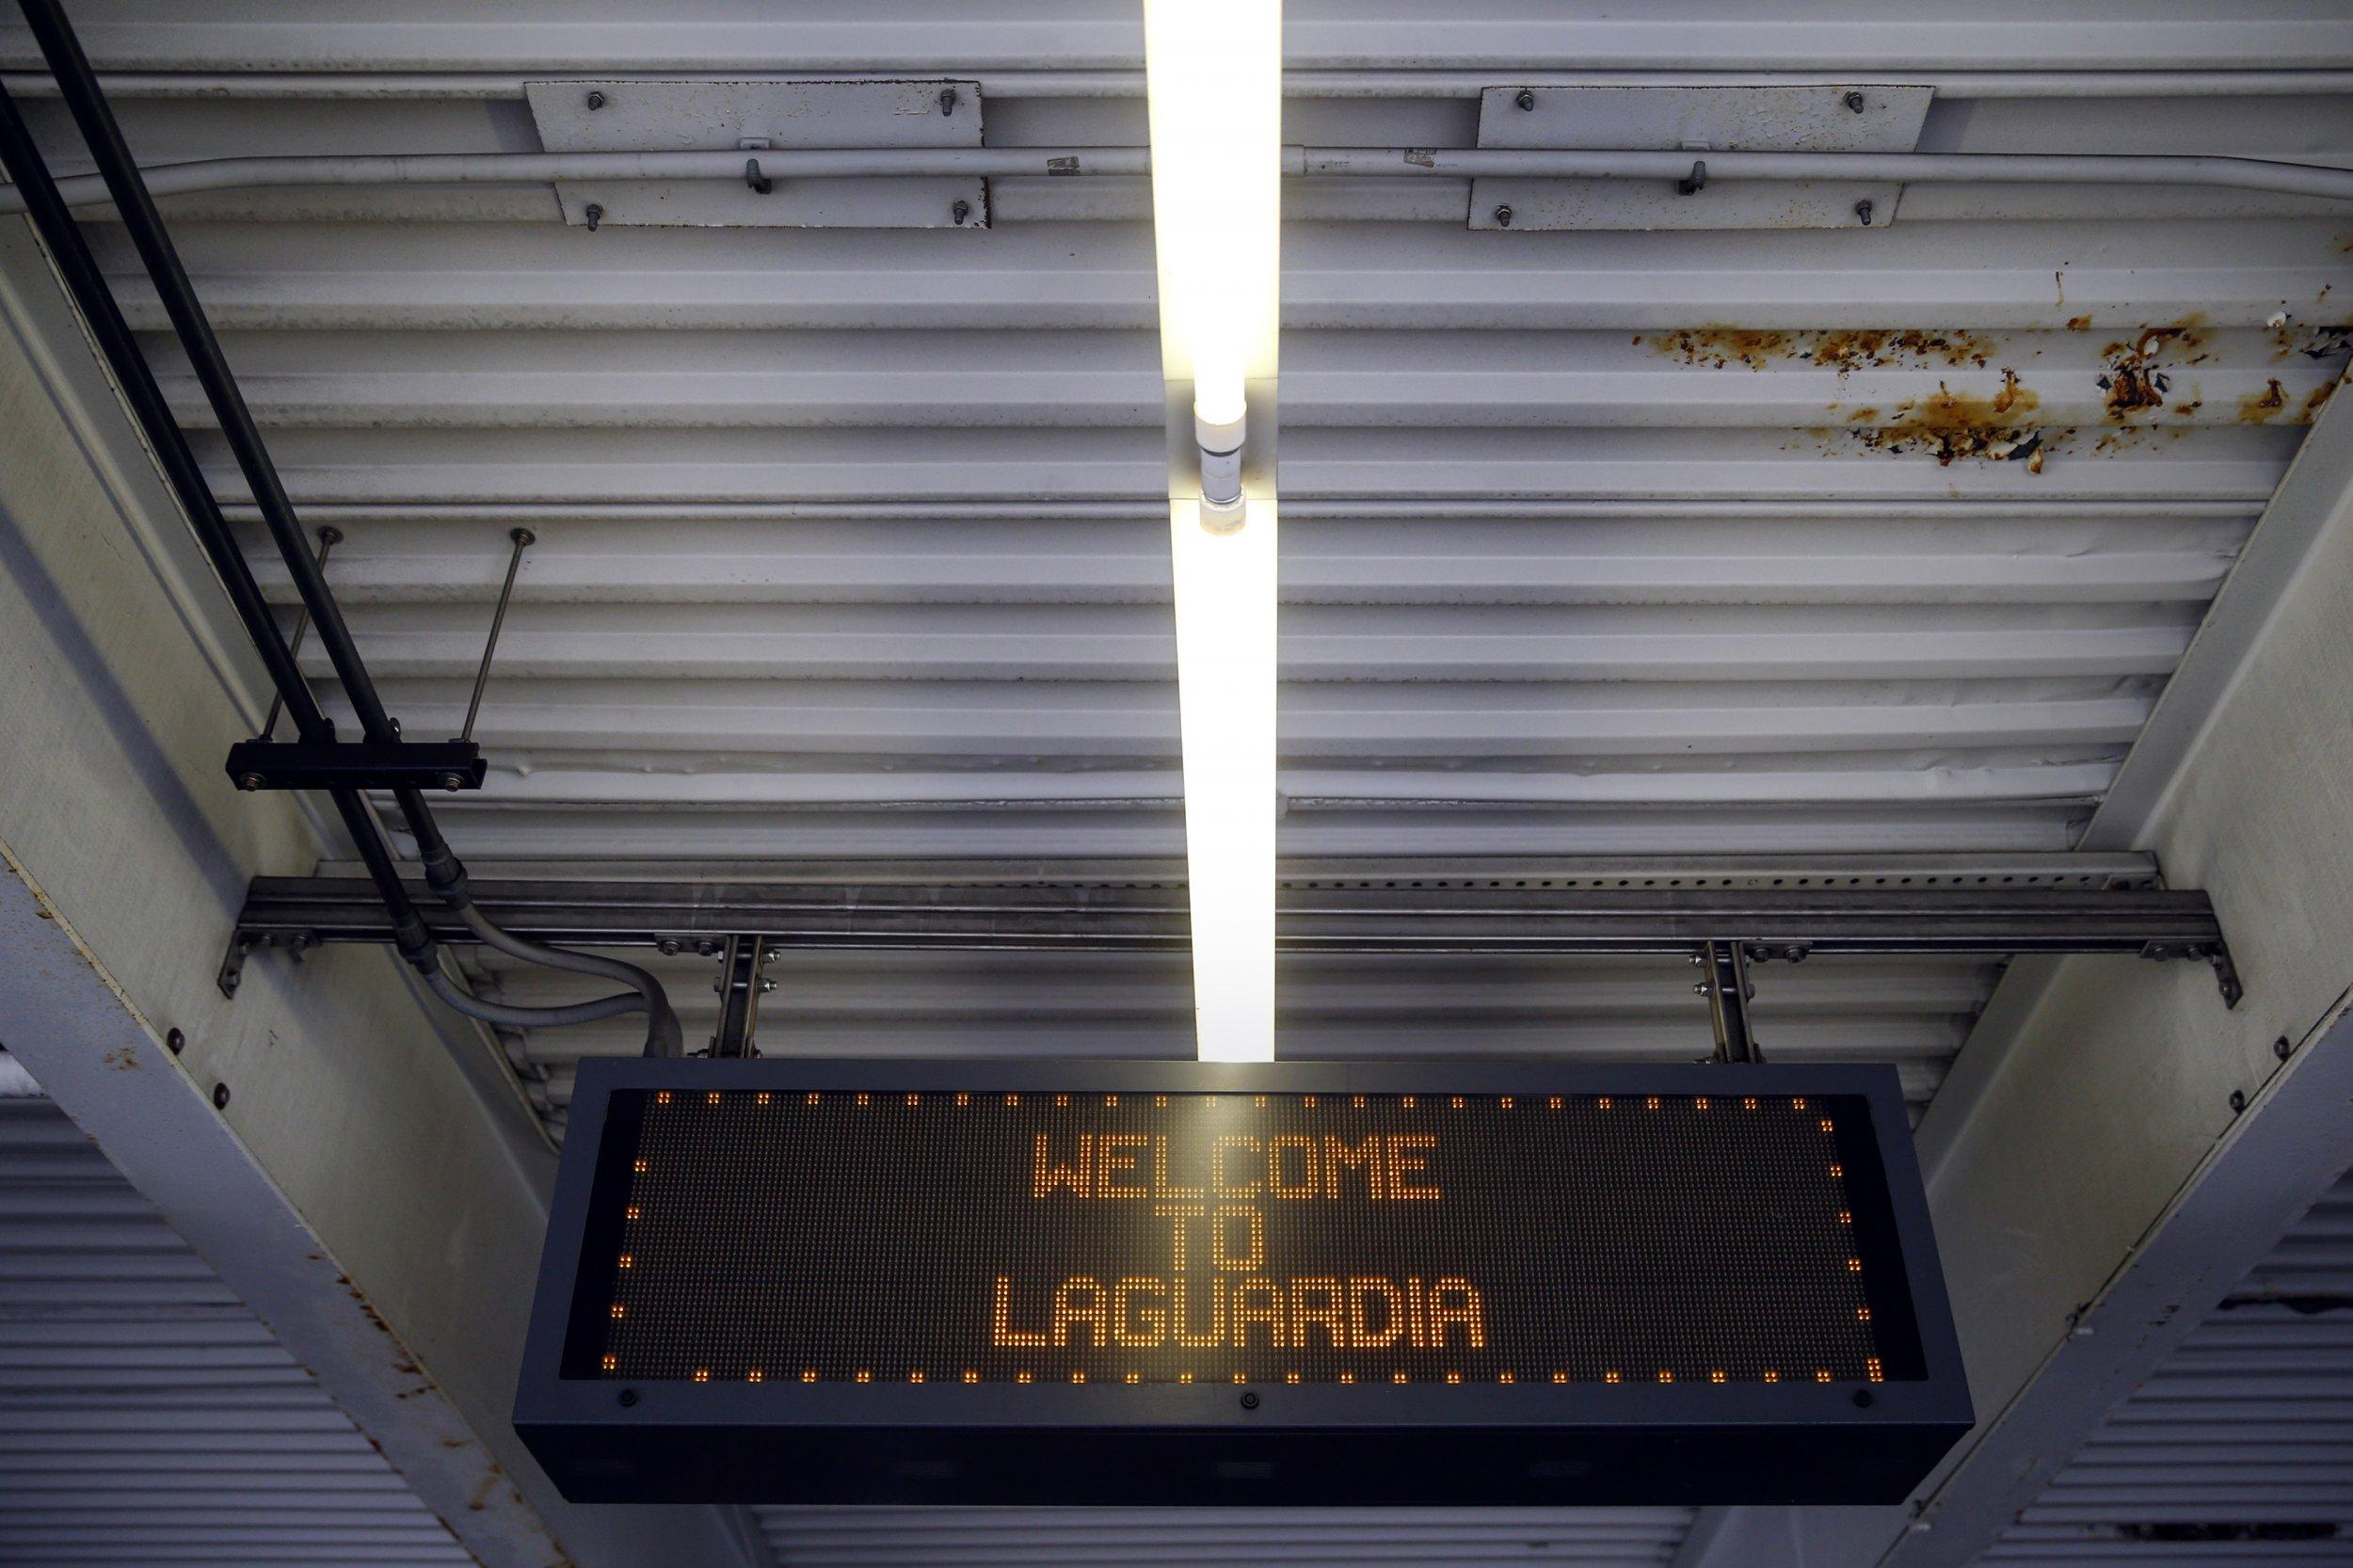 08_28_15_LaGuardia_airport_alleged_assault